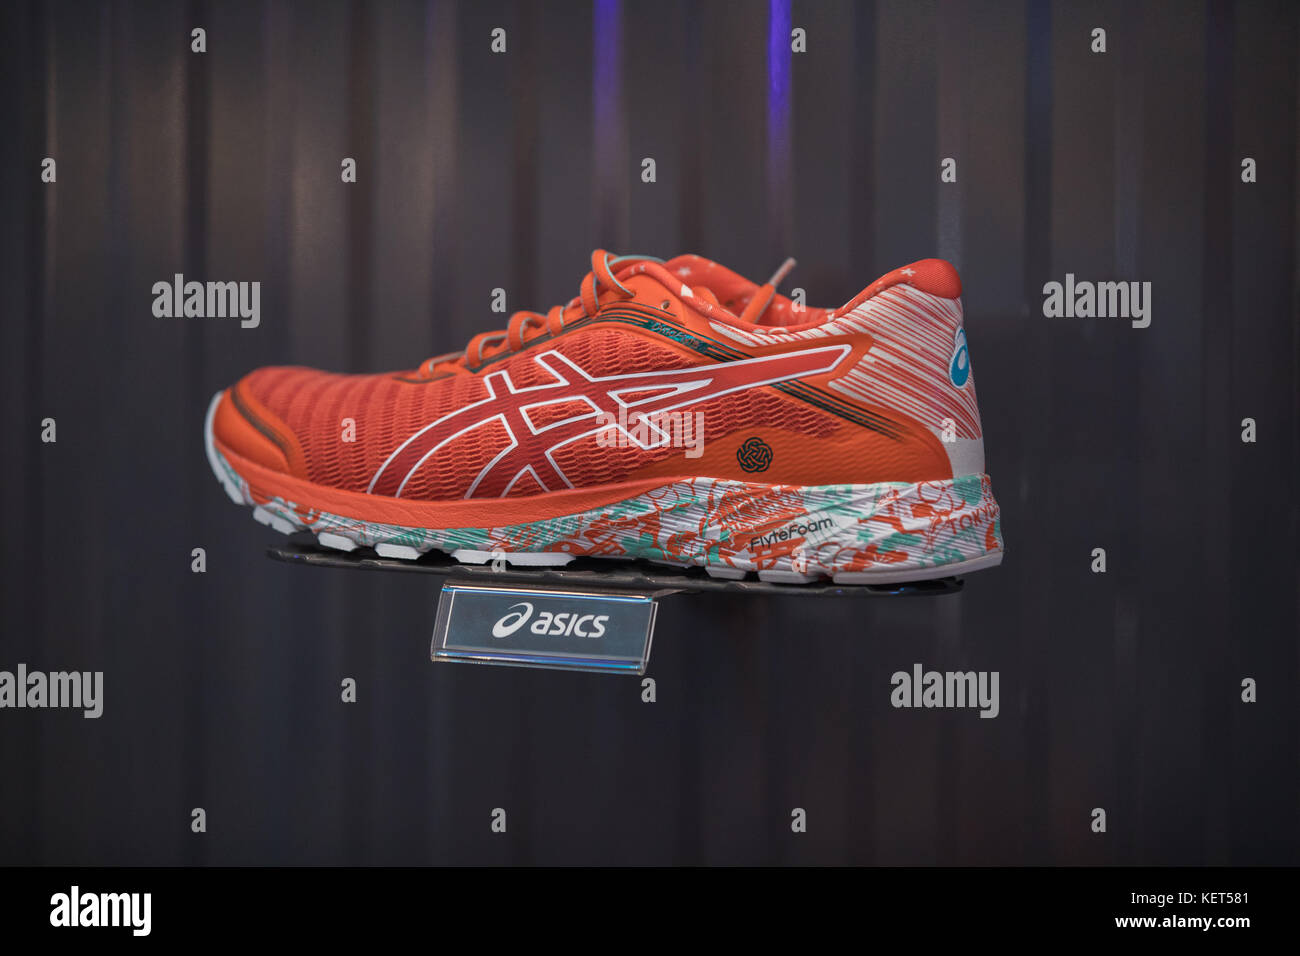 Asics stock photos asics stock images alamy nakhonratchasrimathailand august 06 2017 asics shoes sports running at asics stores buycottarizona Images